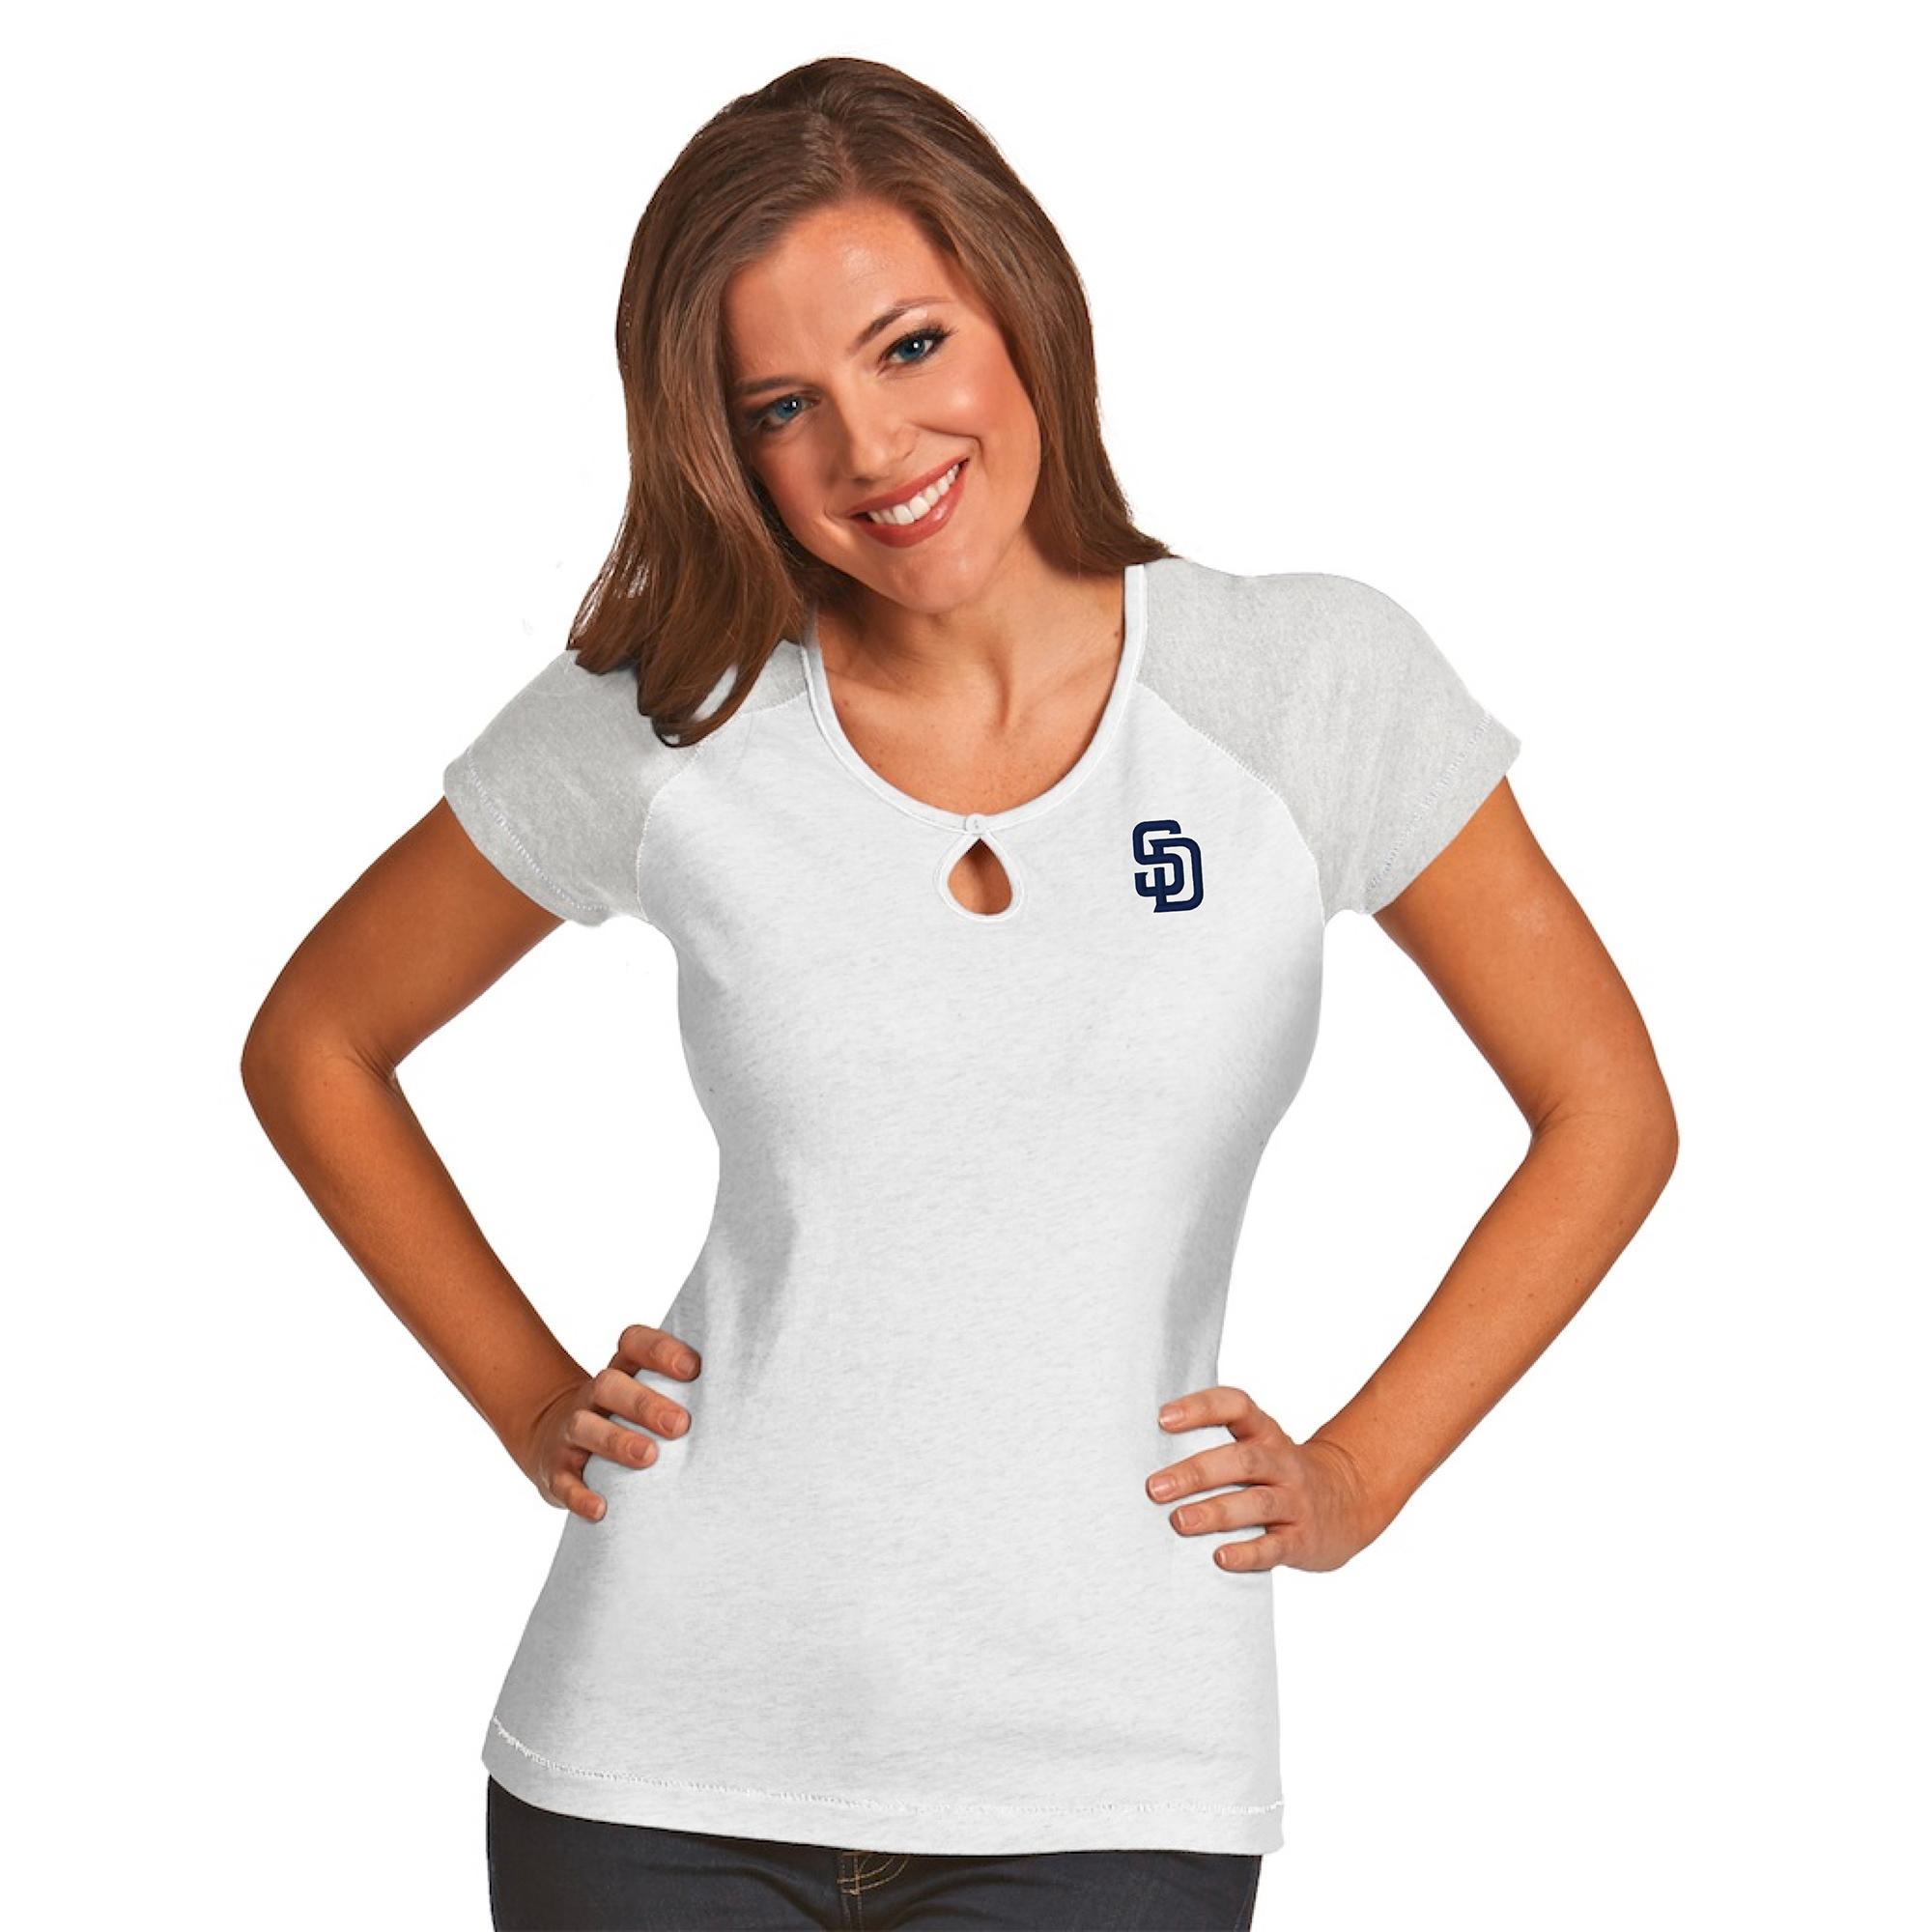 San Diego Padres Antigua Women's MLB Crush T-Shirt - White/Gray